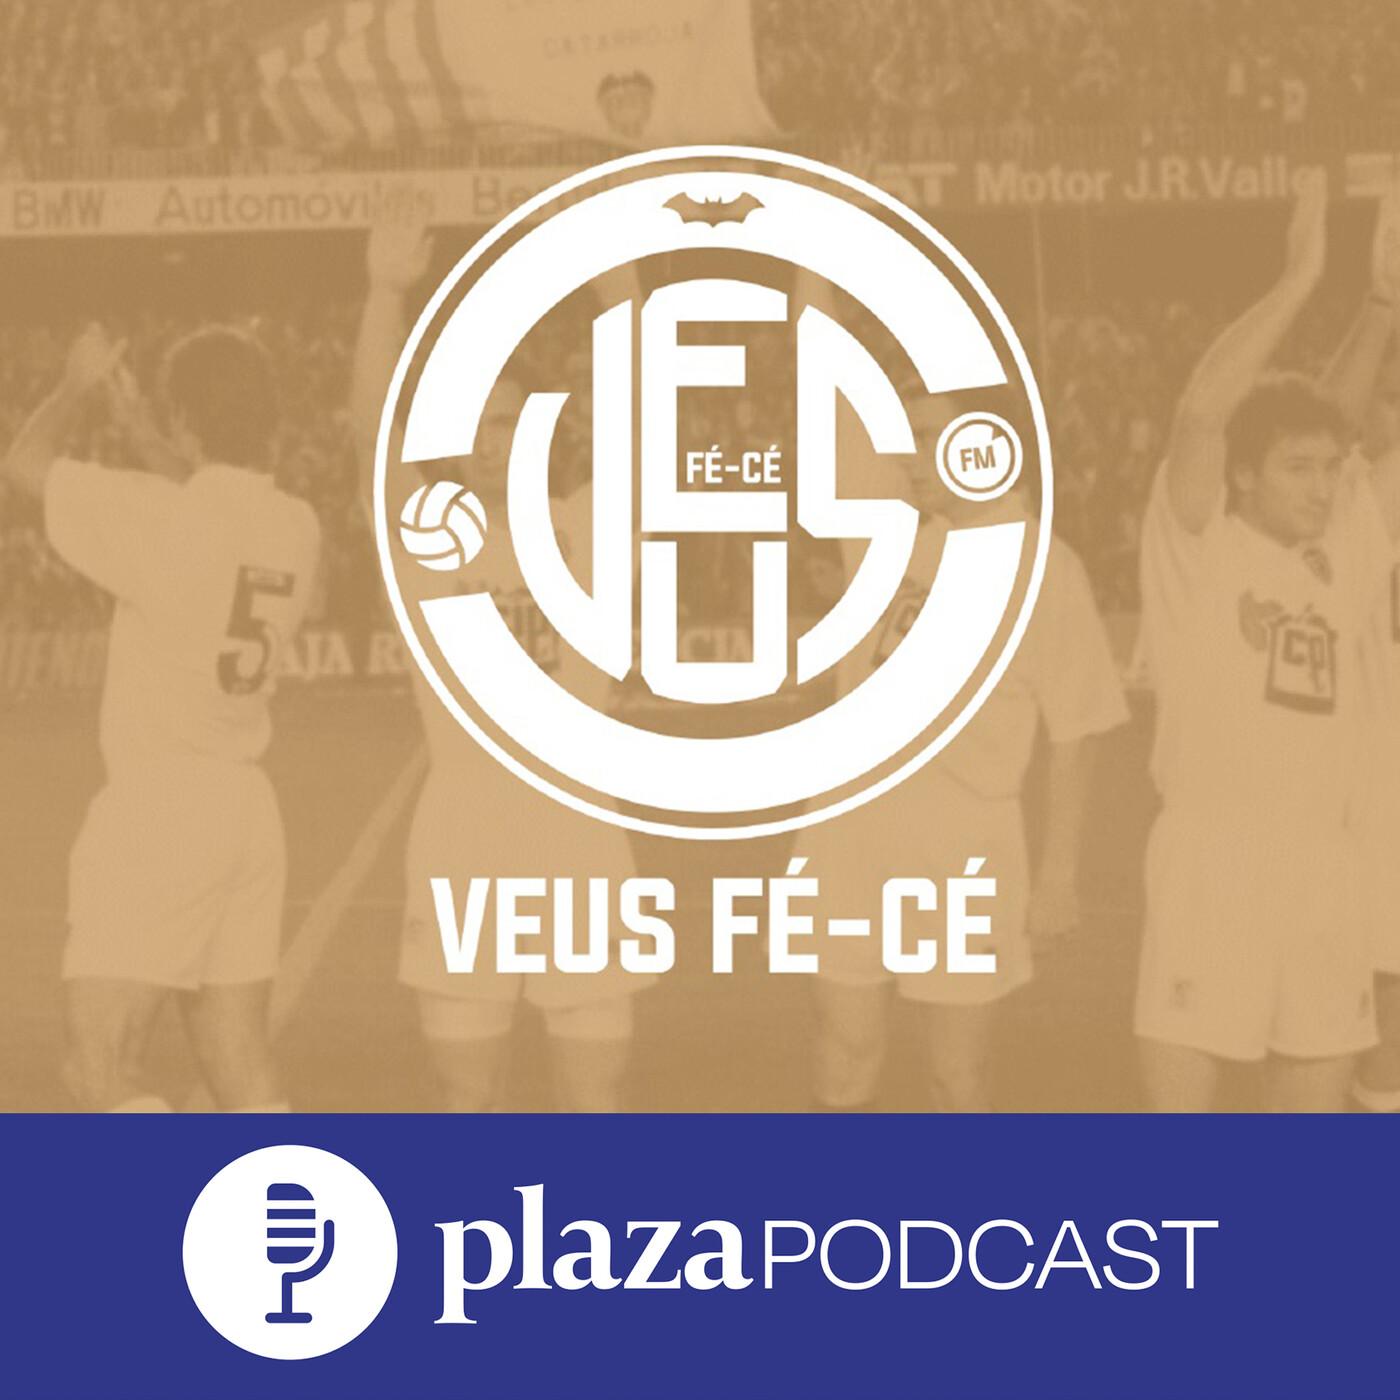 Segunda mitad de la charla con Rafa Salom en Veus Fé-Cé: recuerdos de la temporada 07-08, el año que vivimos pelig...